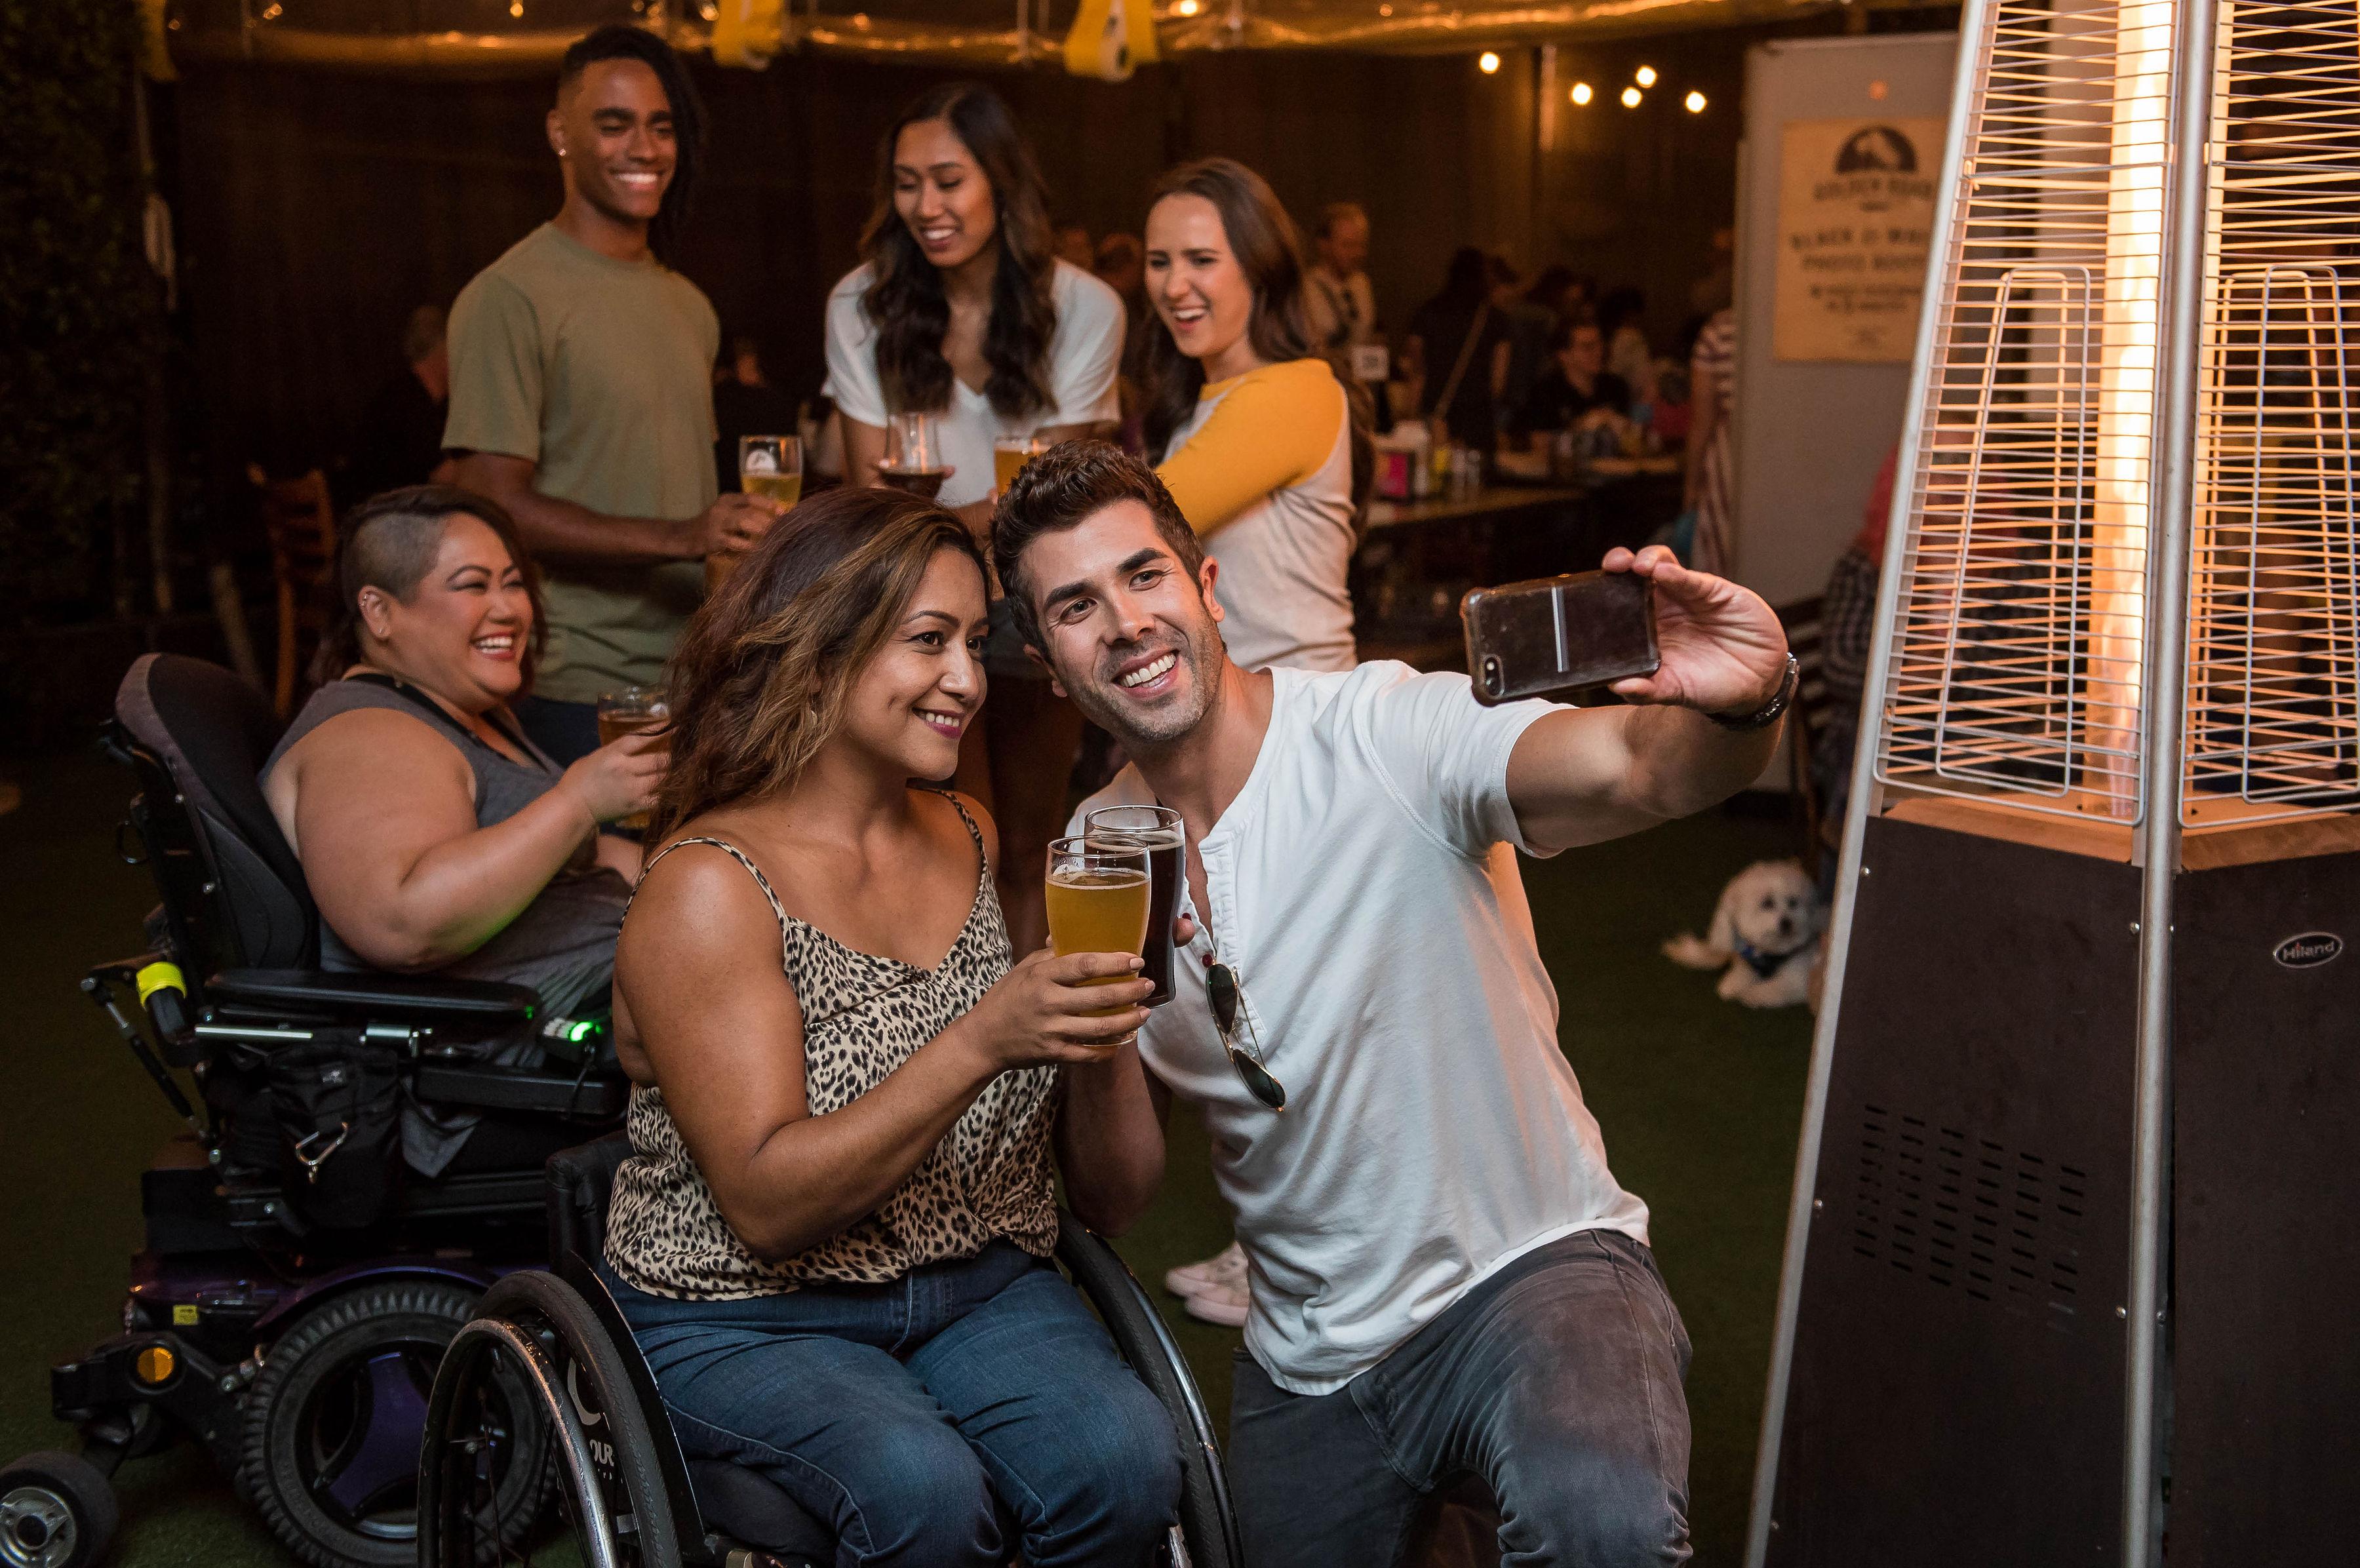 инвалидность не помеха дружбе